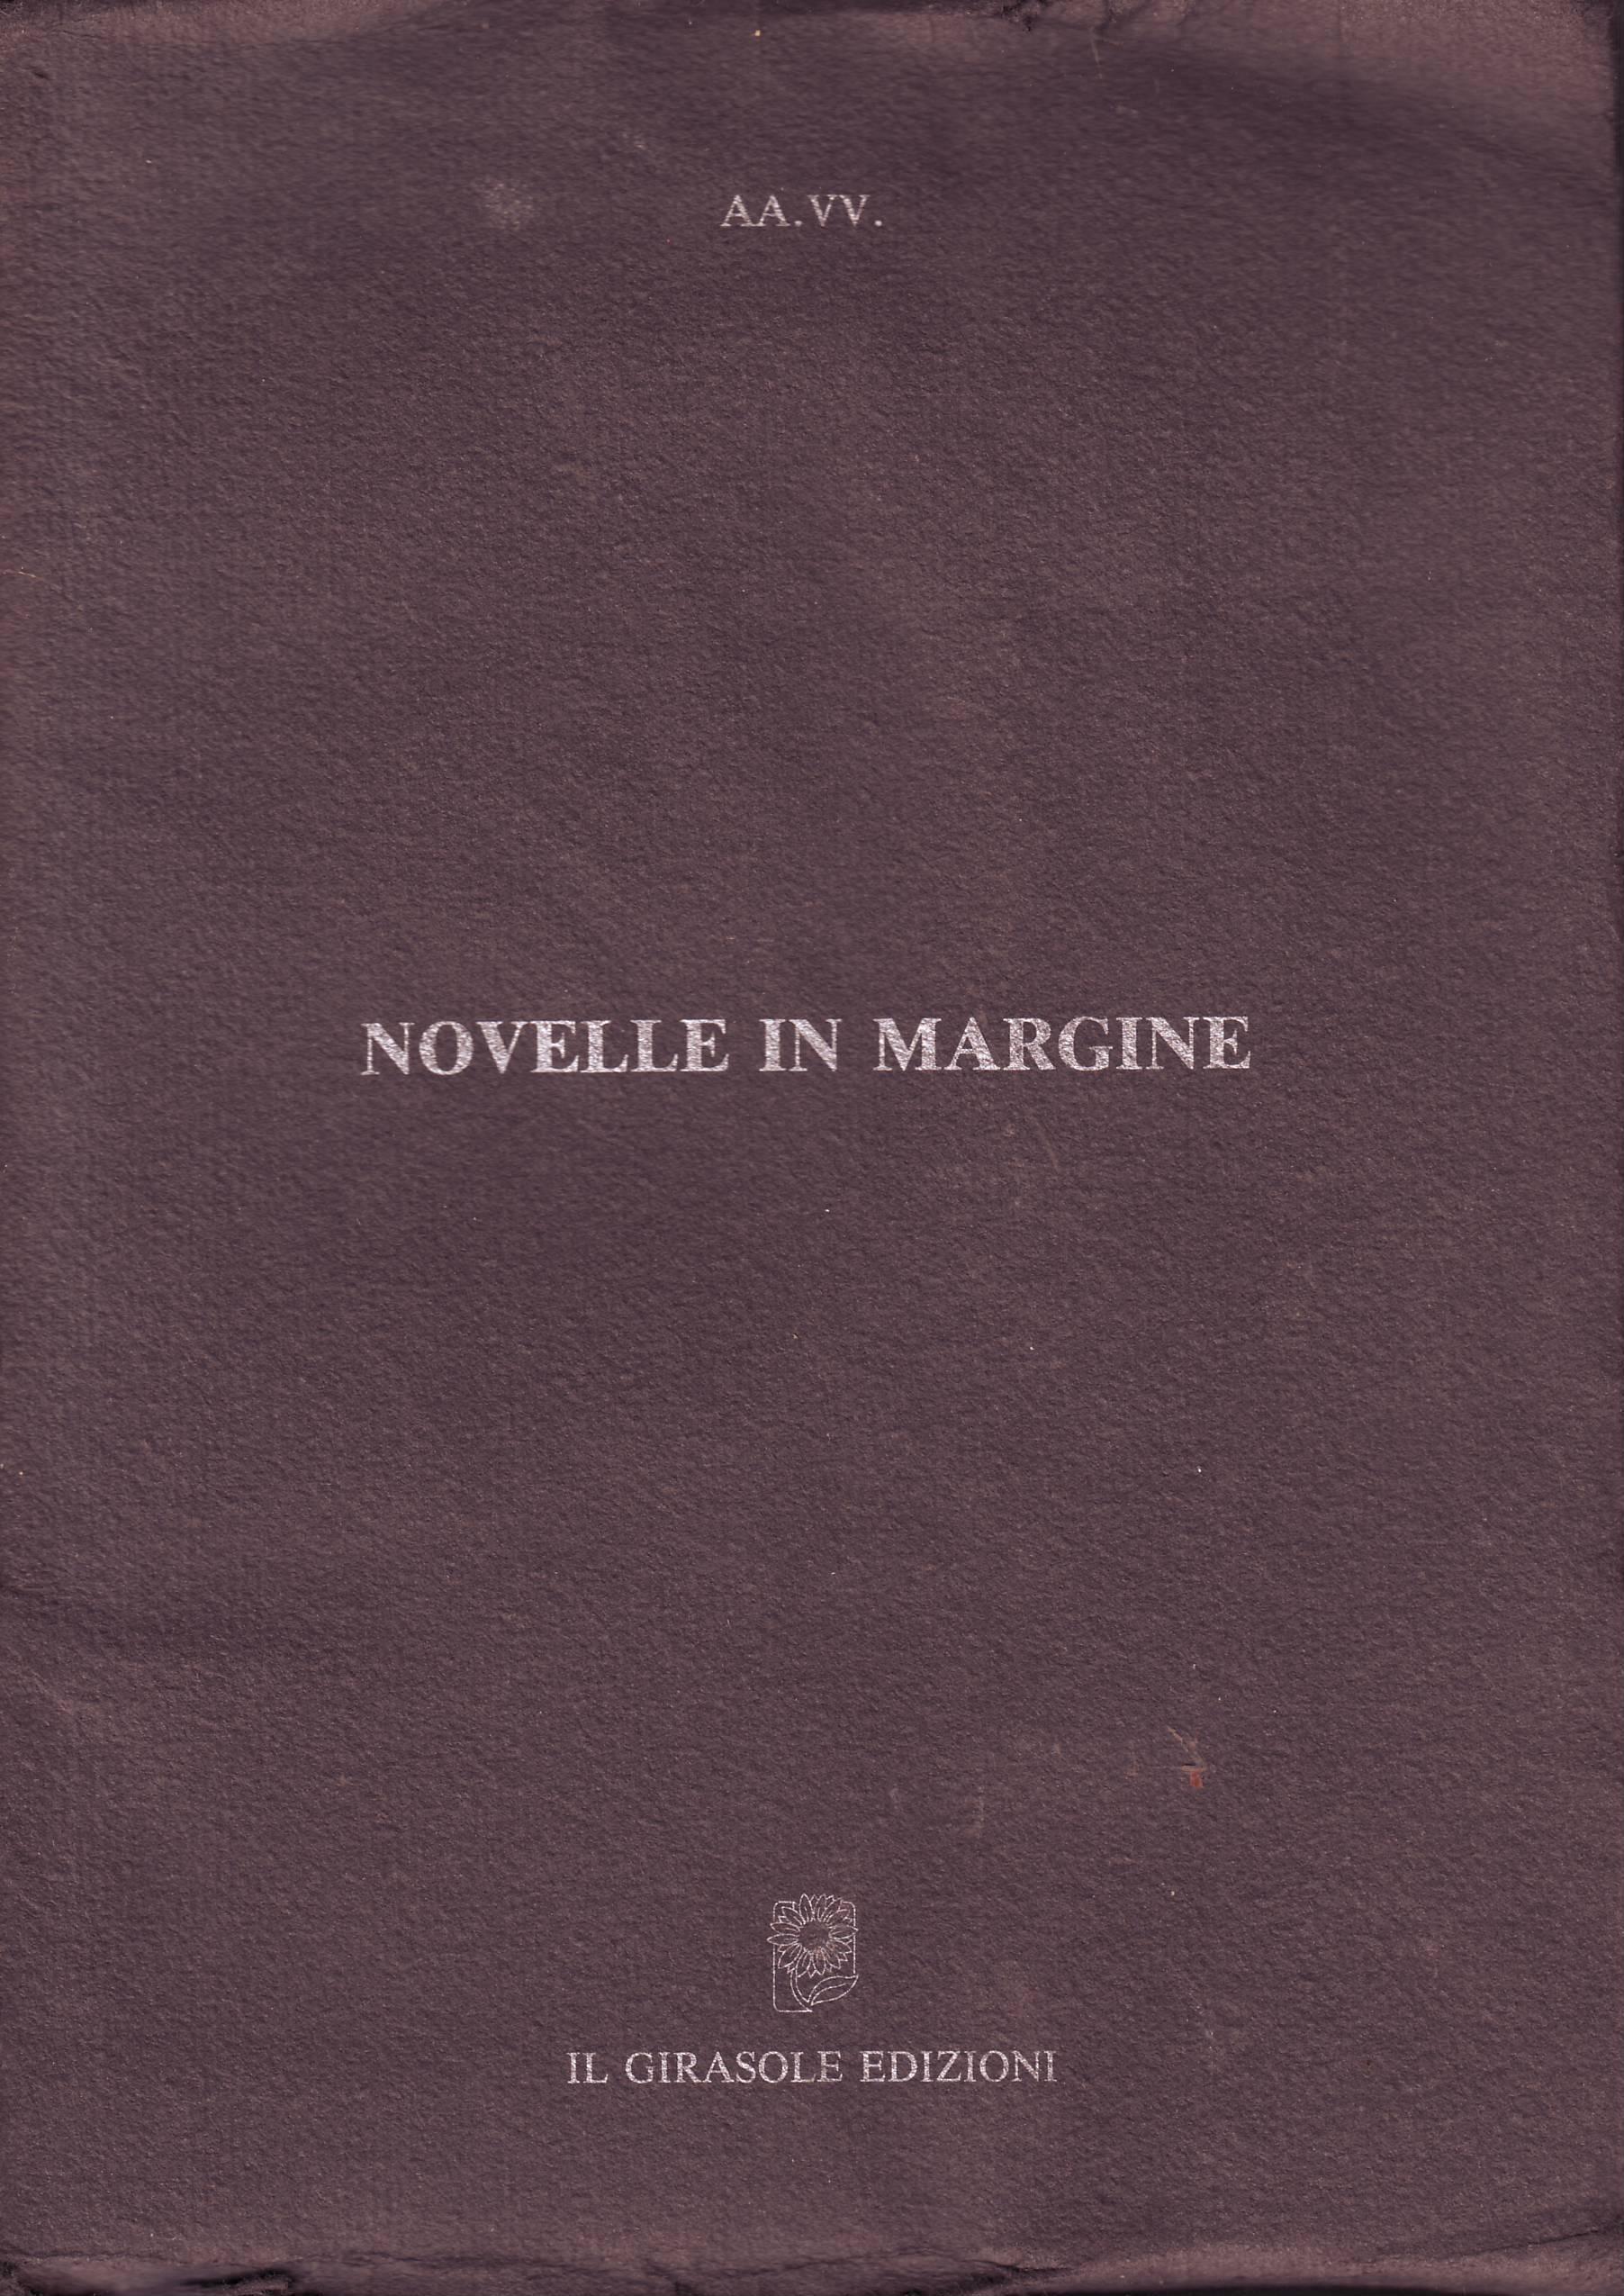 Novelle in margine